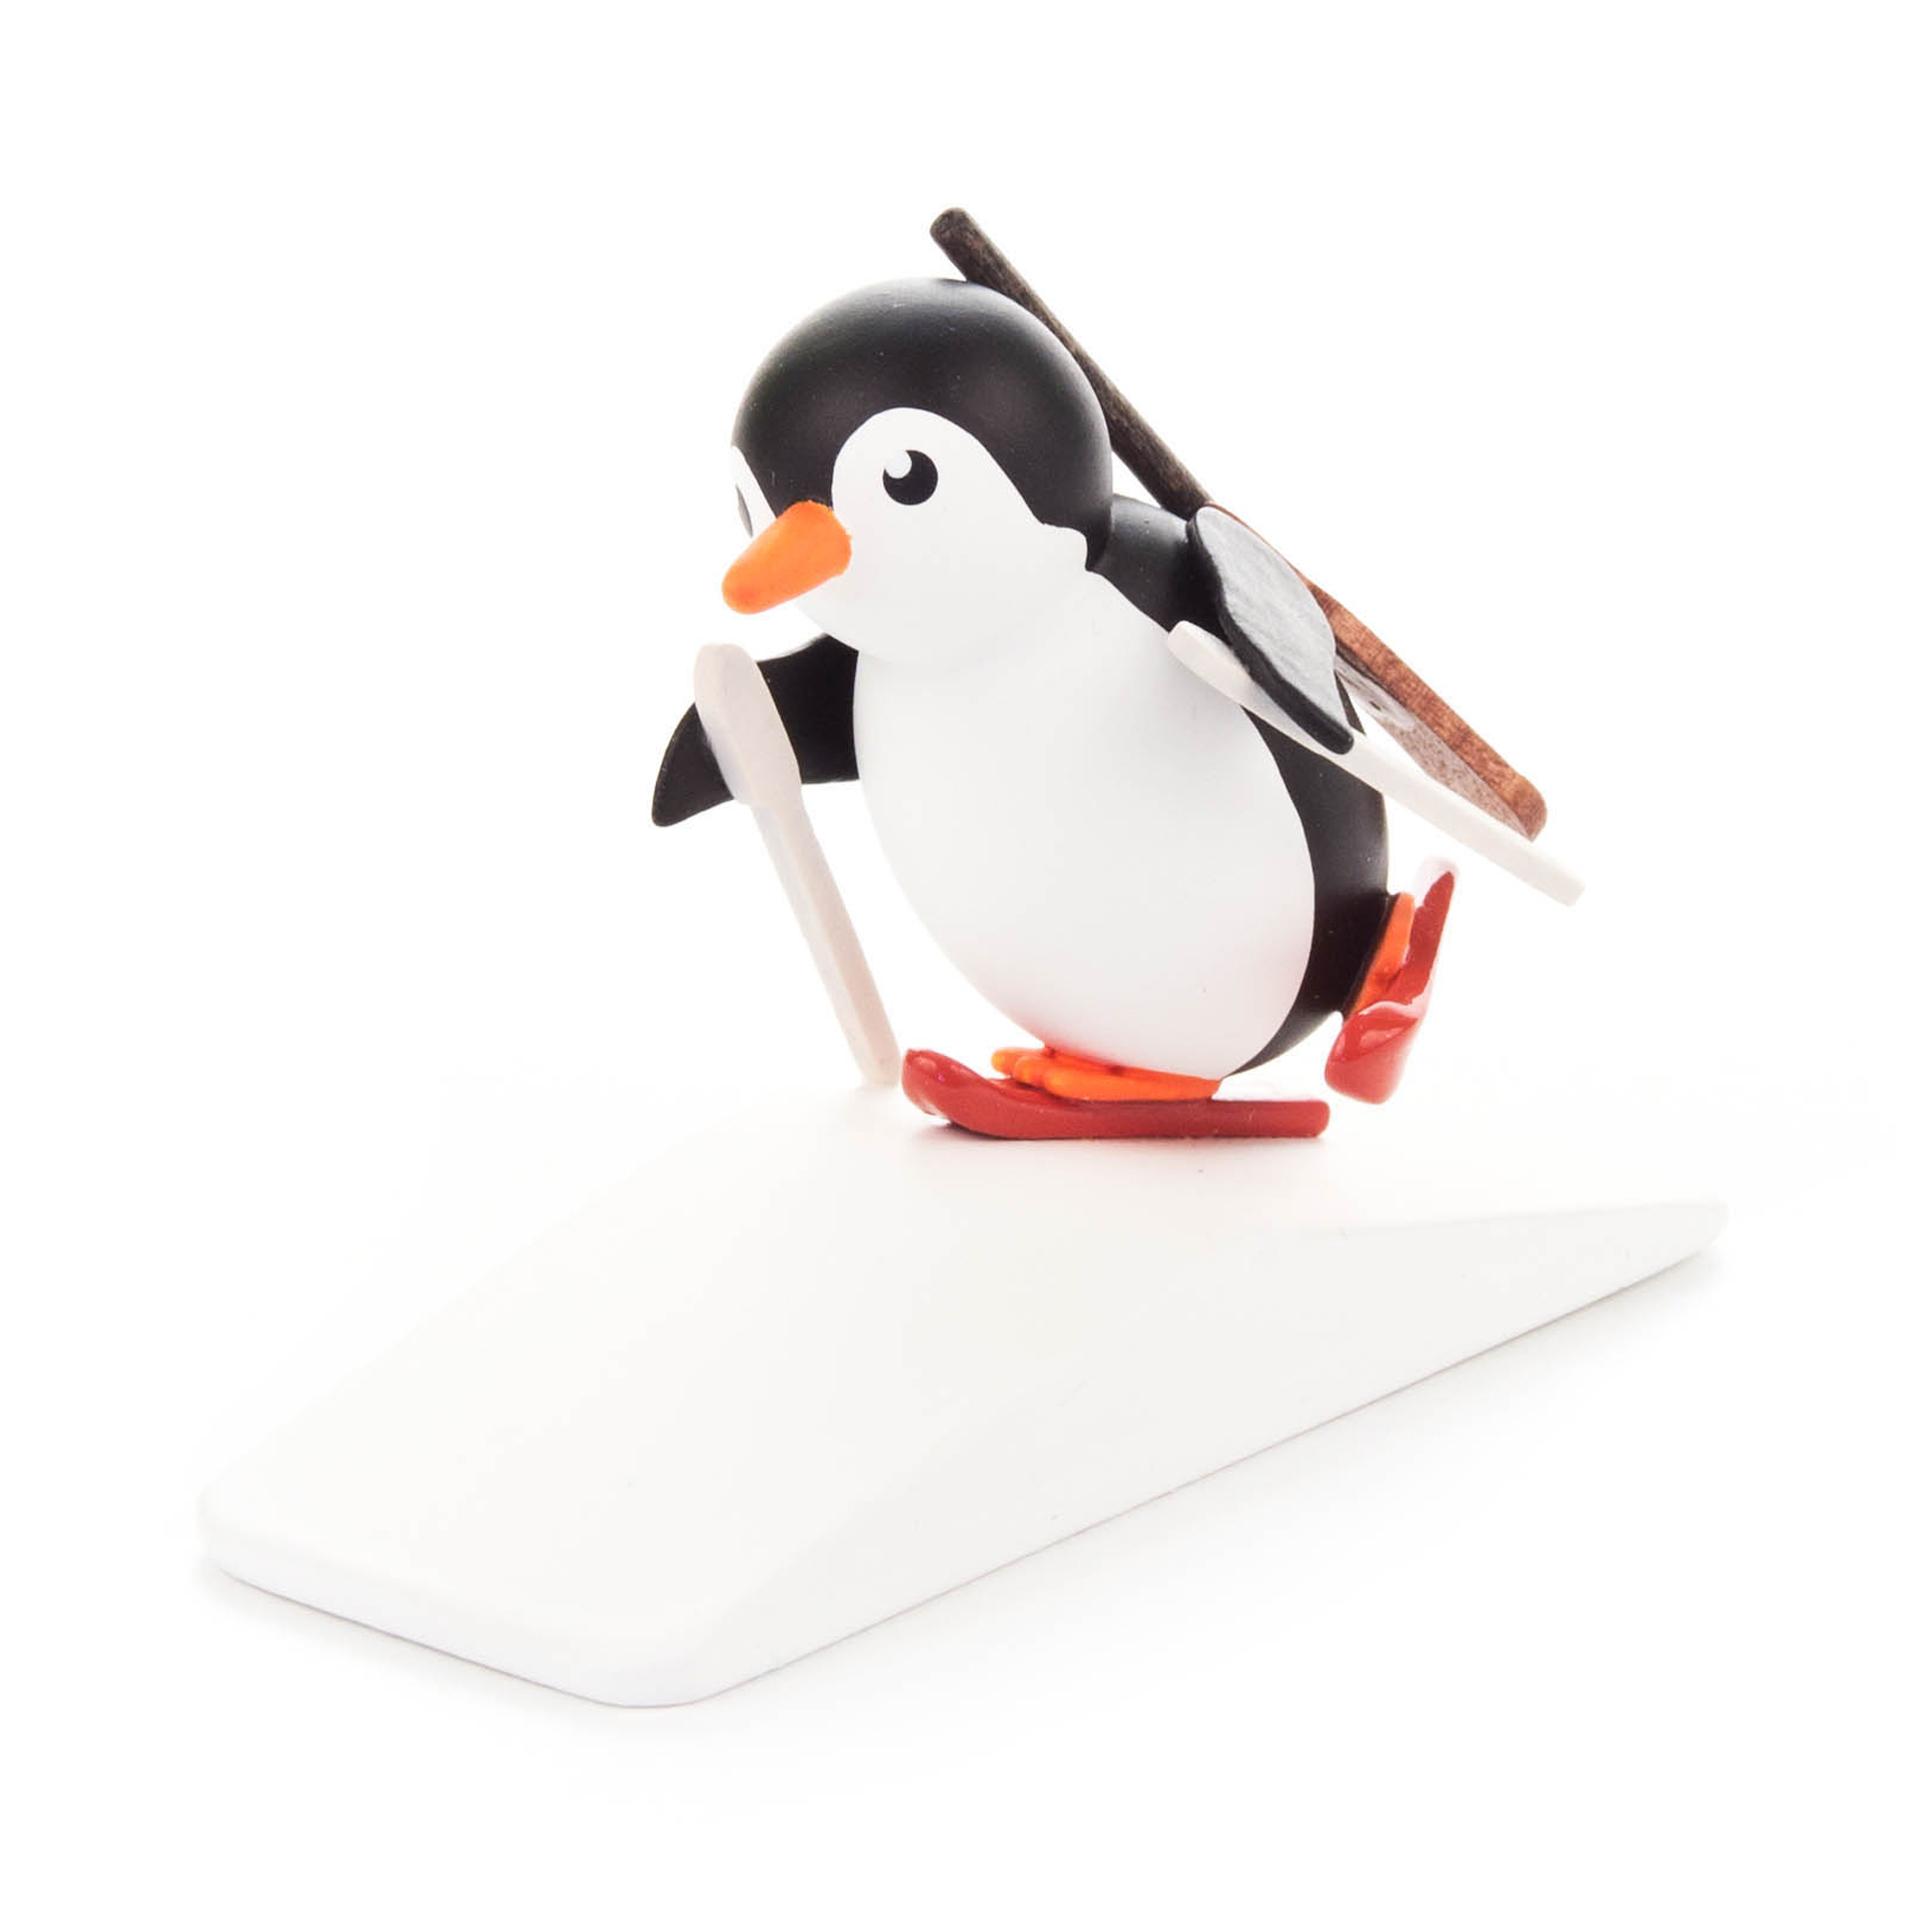 Pinguin Biathlet